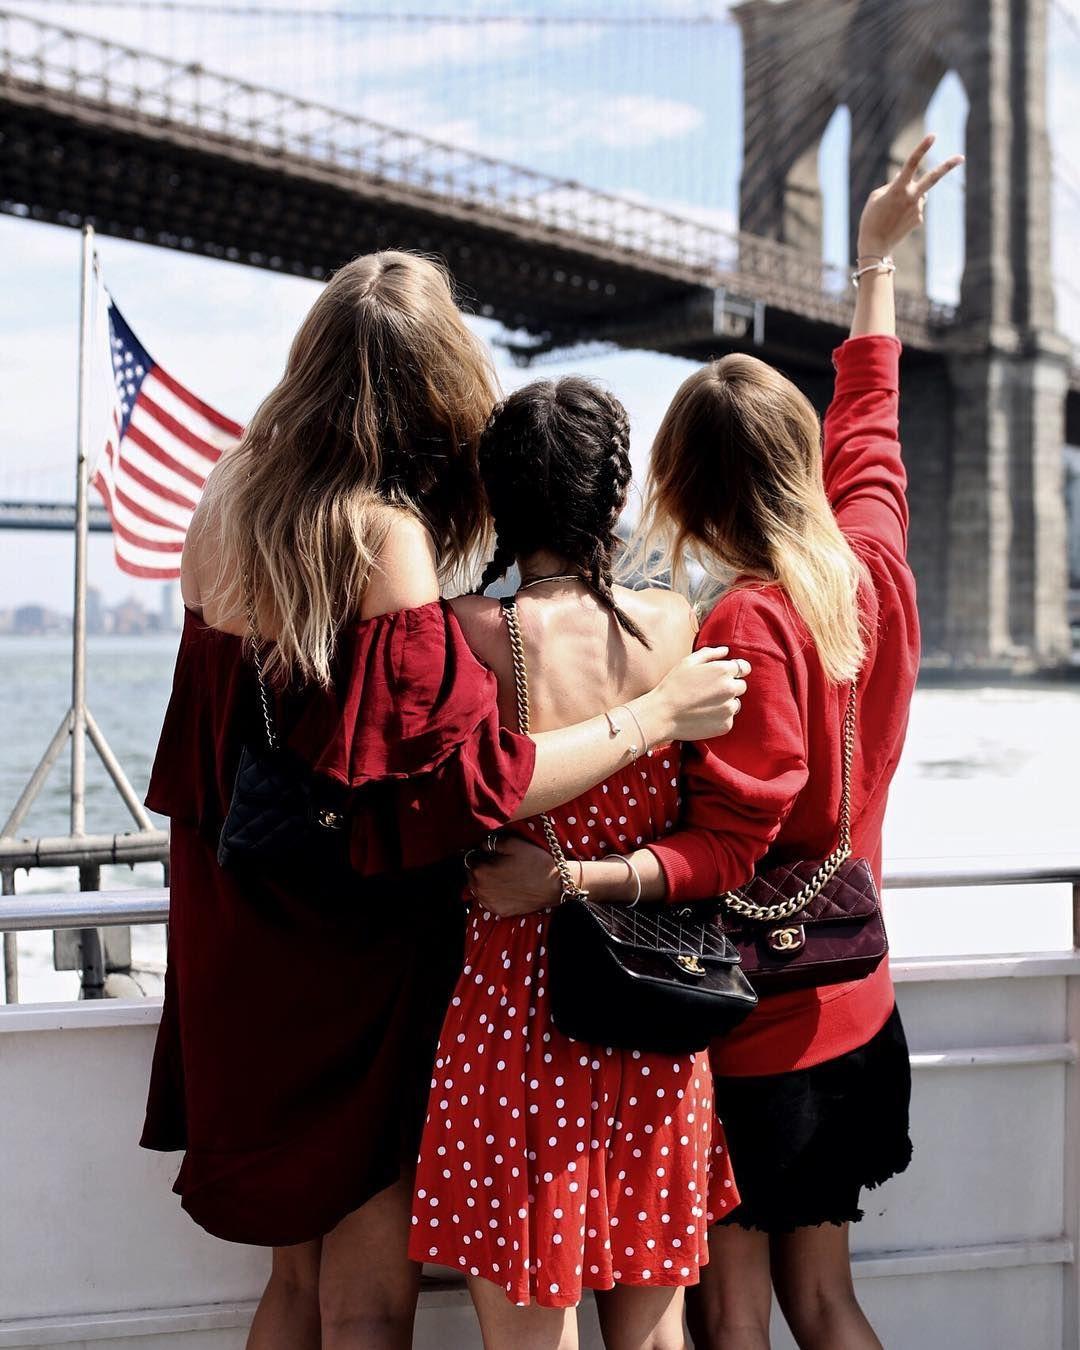 friendship goals // mit freunden vereisen // new york usa